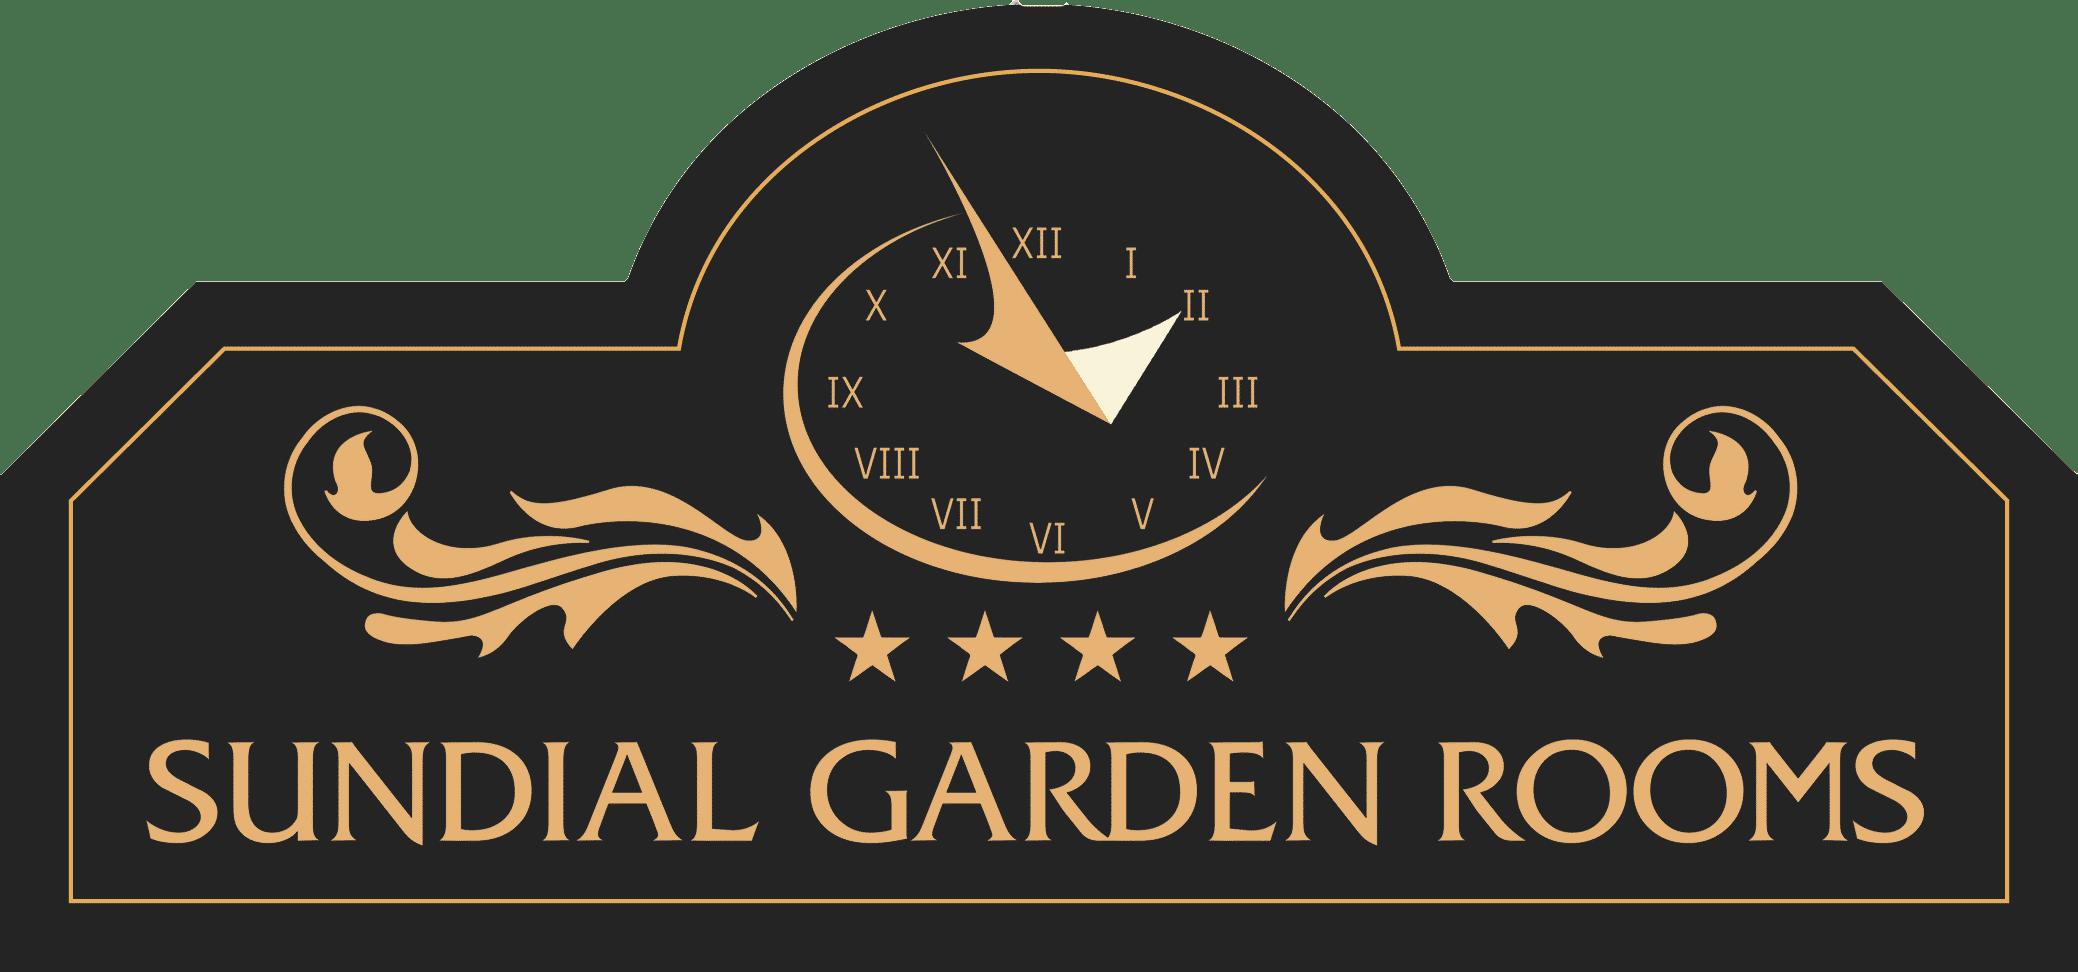 Sundial Garden Rooms